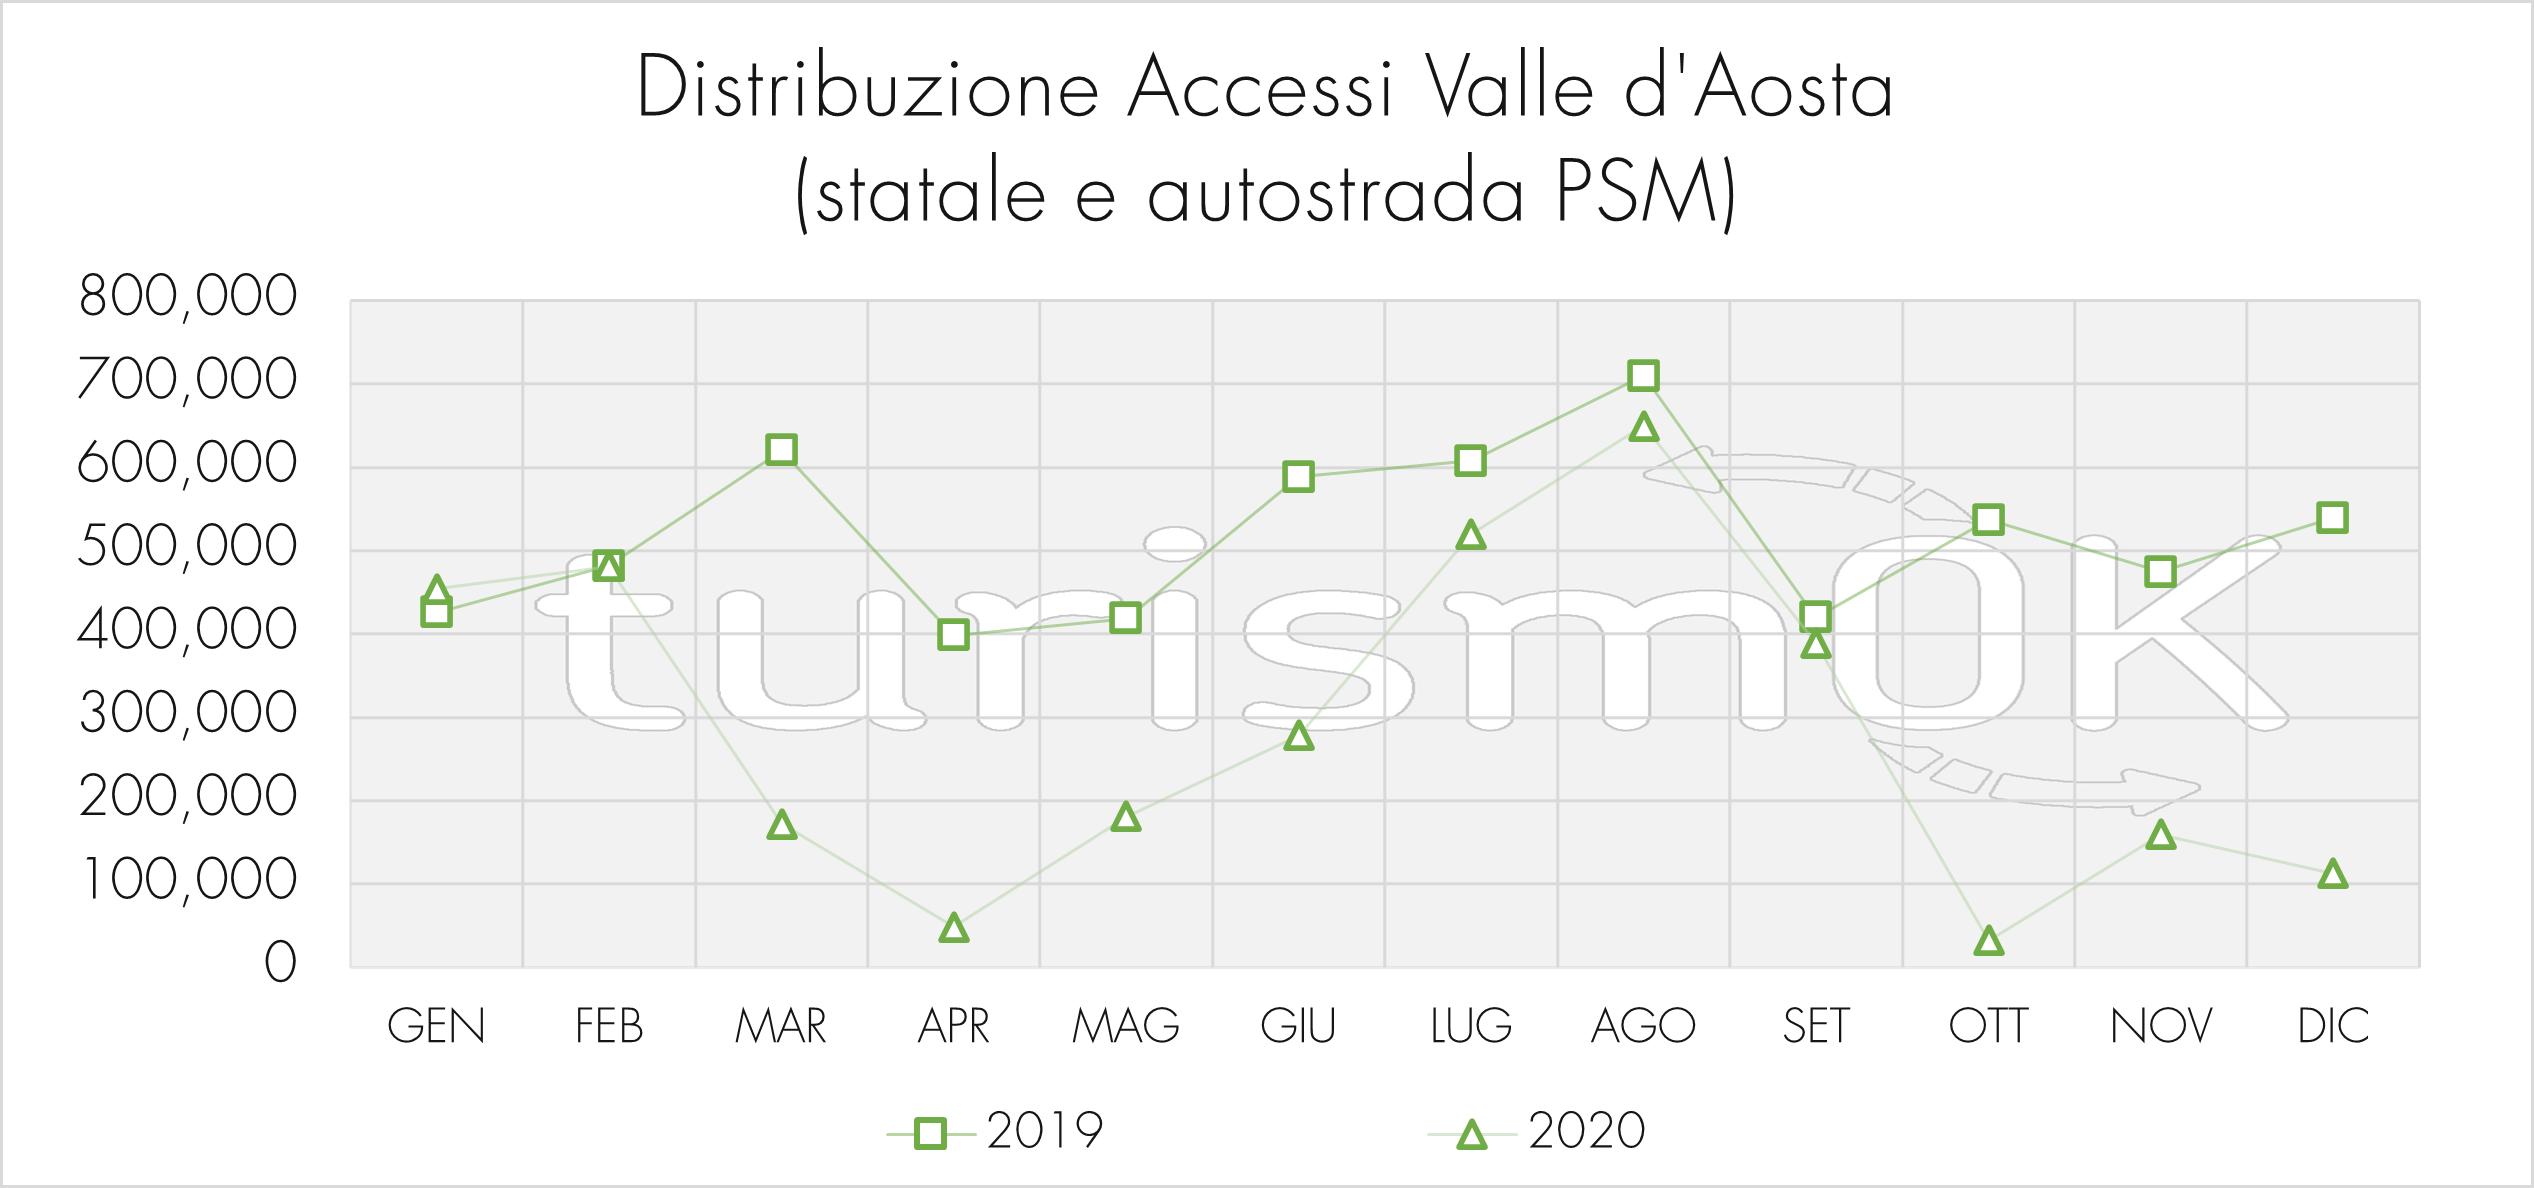 Distribuzione accessi Valle d'Aosta strada statale e autostrada Pont-Saint-Martin anno 2020